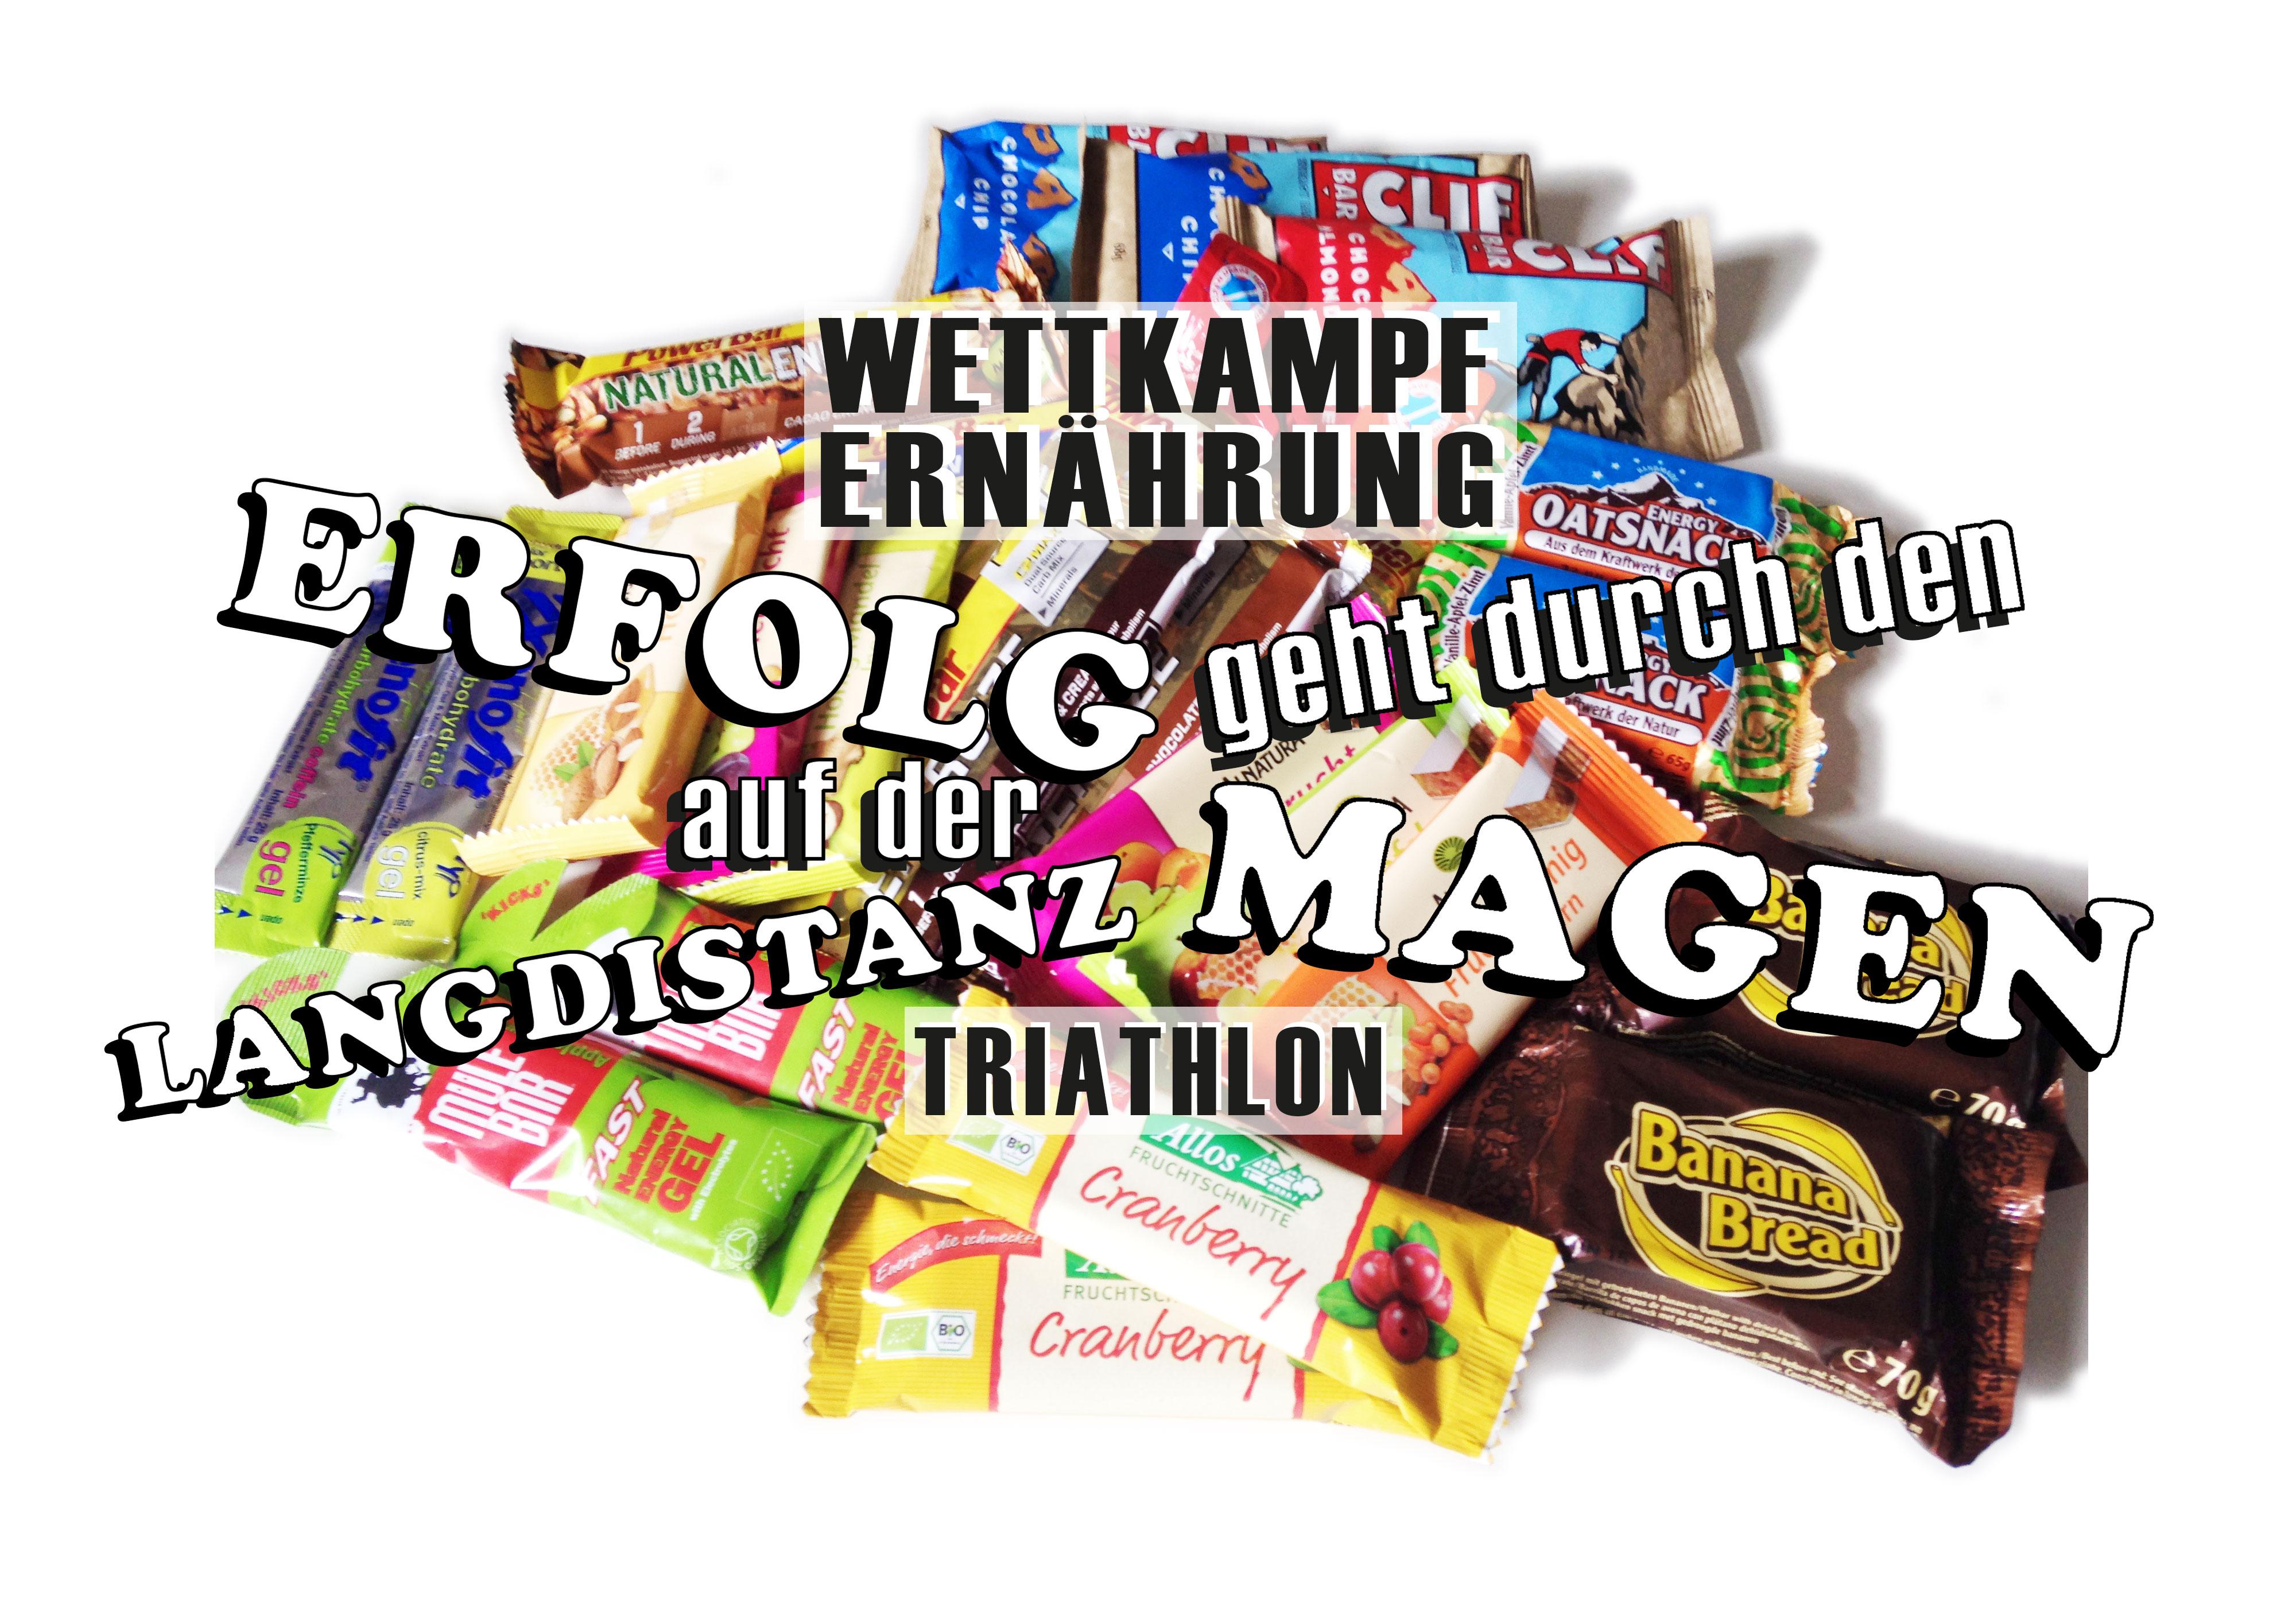 WETTKAMPFERNÄHRUNG Erfolg auf der Langdistanz läuft durch den Magen / Die Qualt der Wahl: Eine unüberschaubare Anzahl an Herstellern und Produkten für Sporternährung deren Qualitäten, Preise und Verträglichkeiten sehr unterschiedlich sind